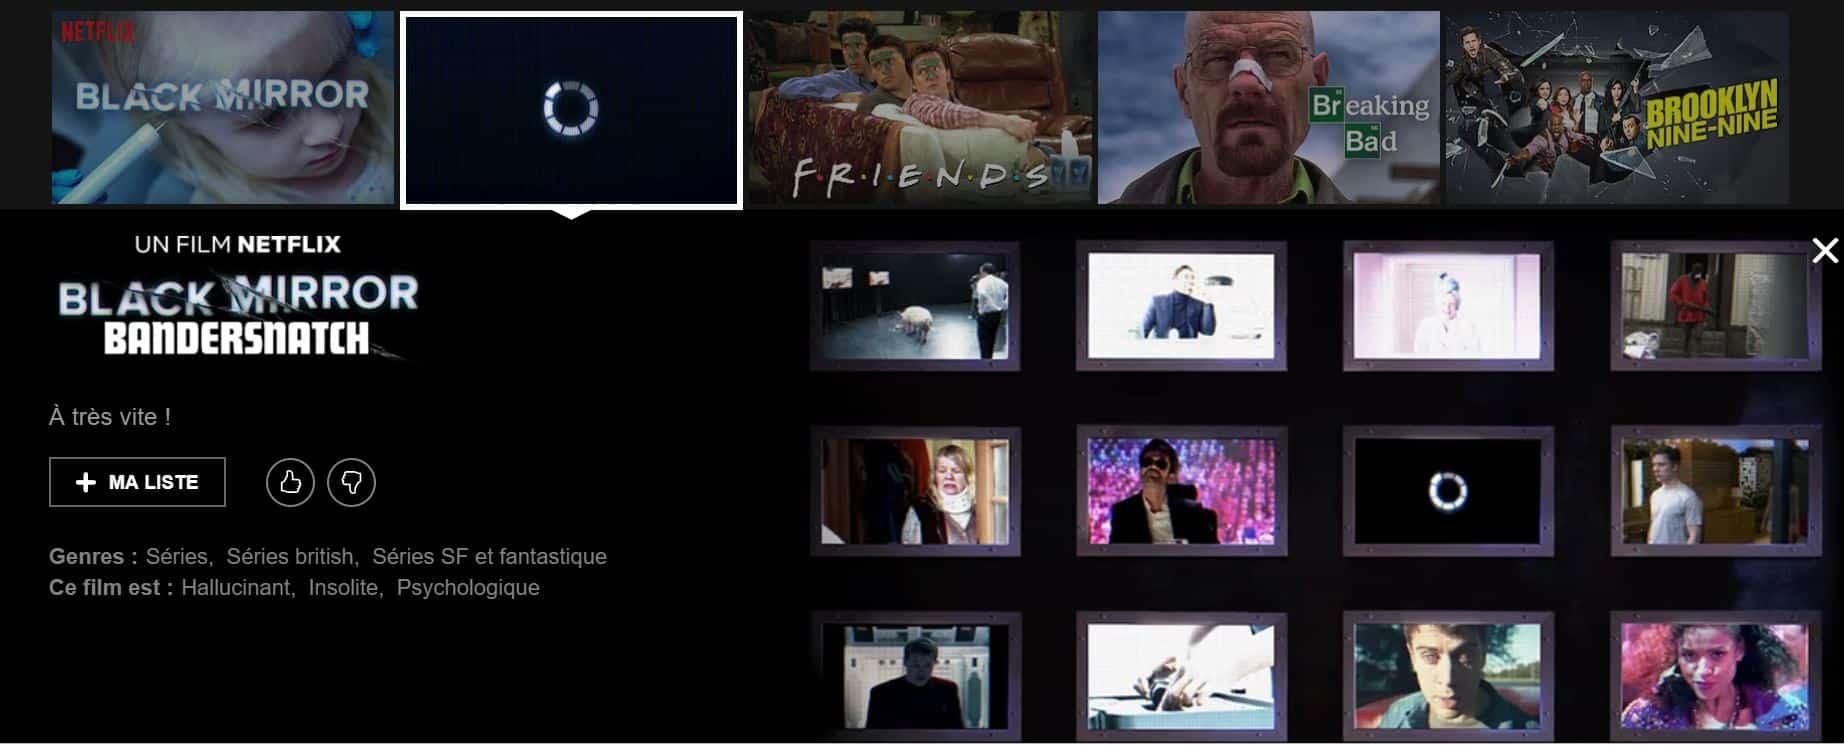 """Black Mirror Bandersnatch serait l'épisode interactif tant attendu par les fans de la série. Description Netflix avec """"à très vite""""."""